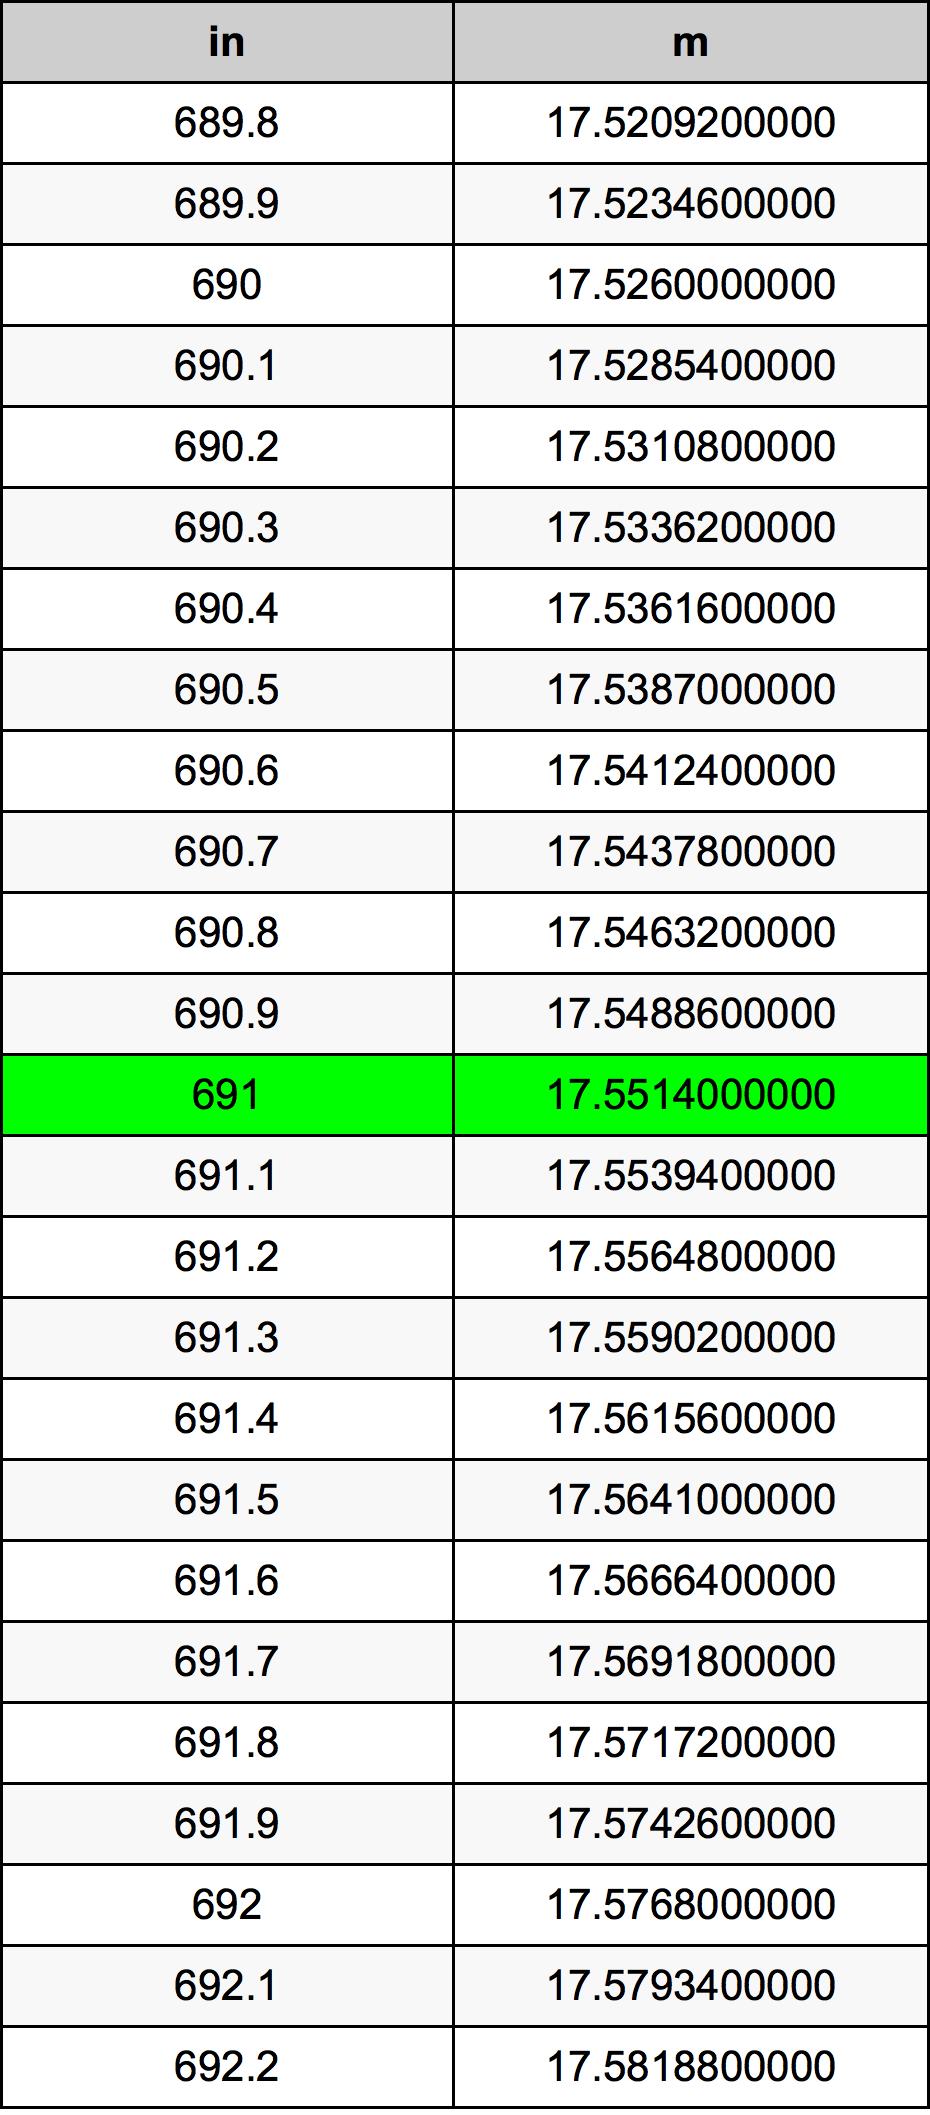 691 Pulzier konverżjoni tabella